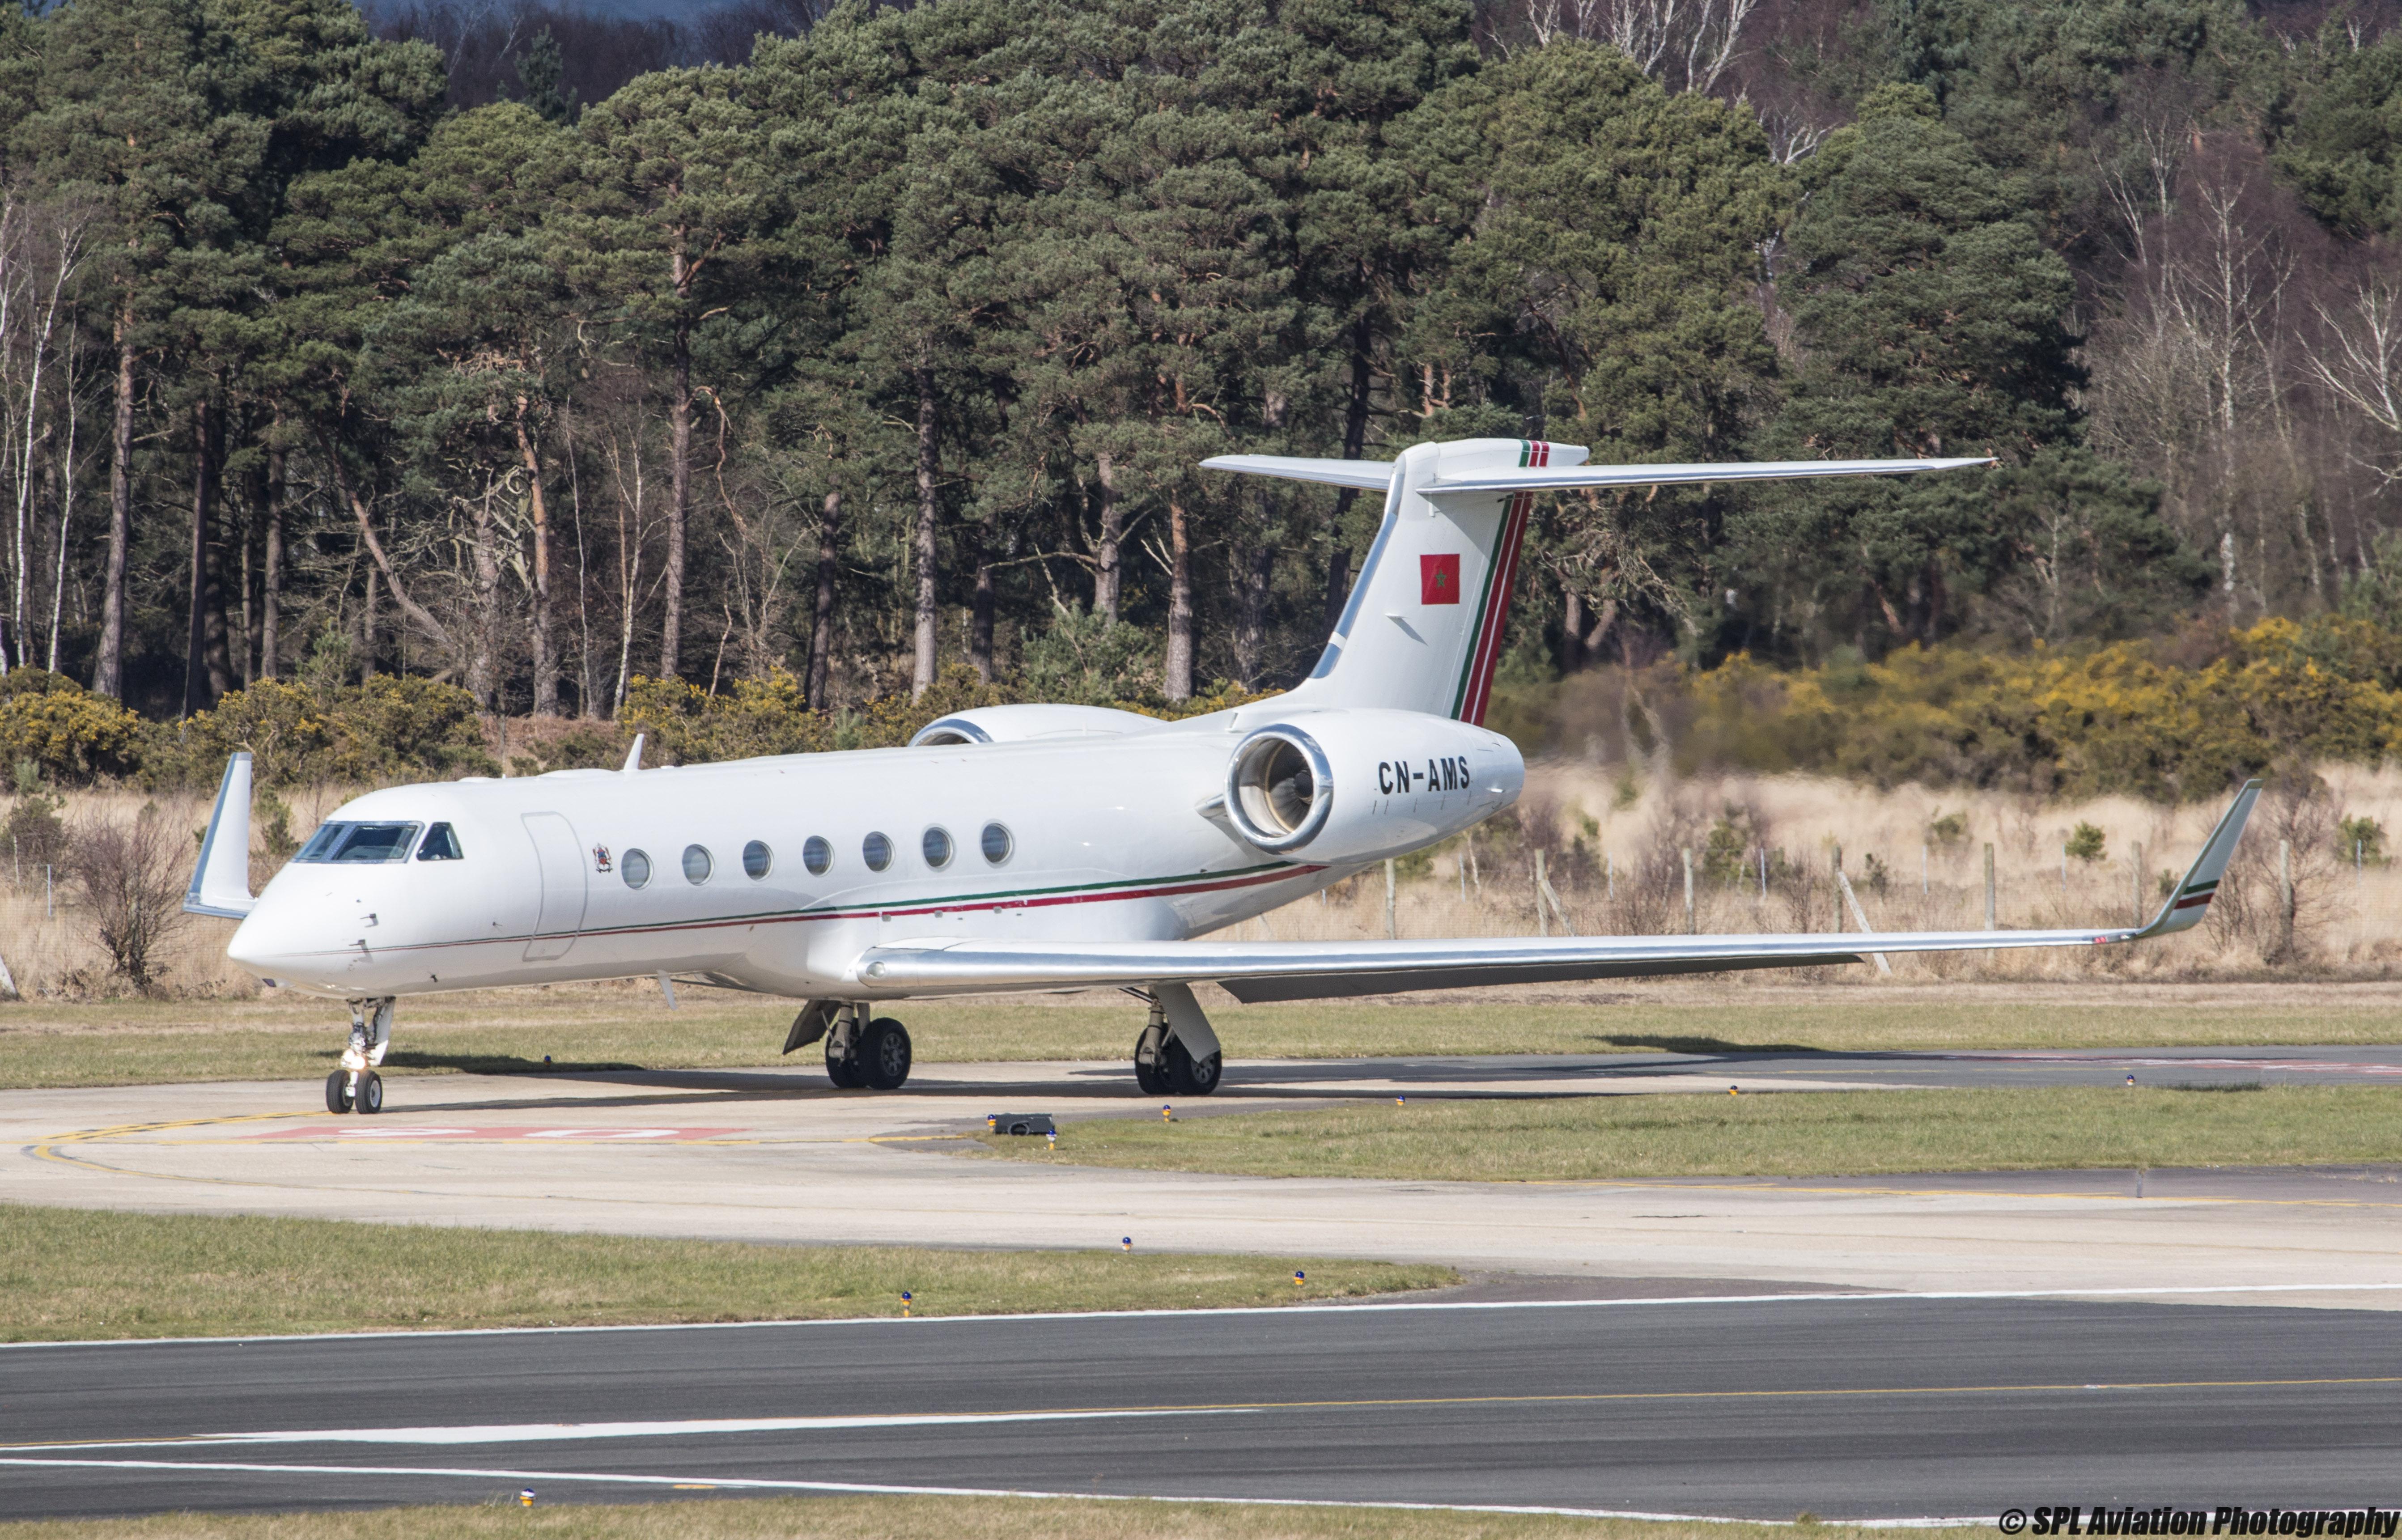 FRA: Avions VIP, Liaison & ECM - Page 12 25567247216_57e0153de9_o